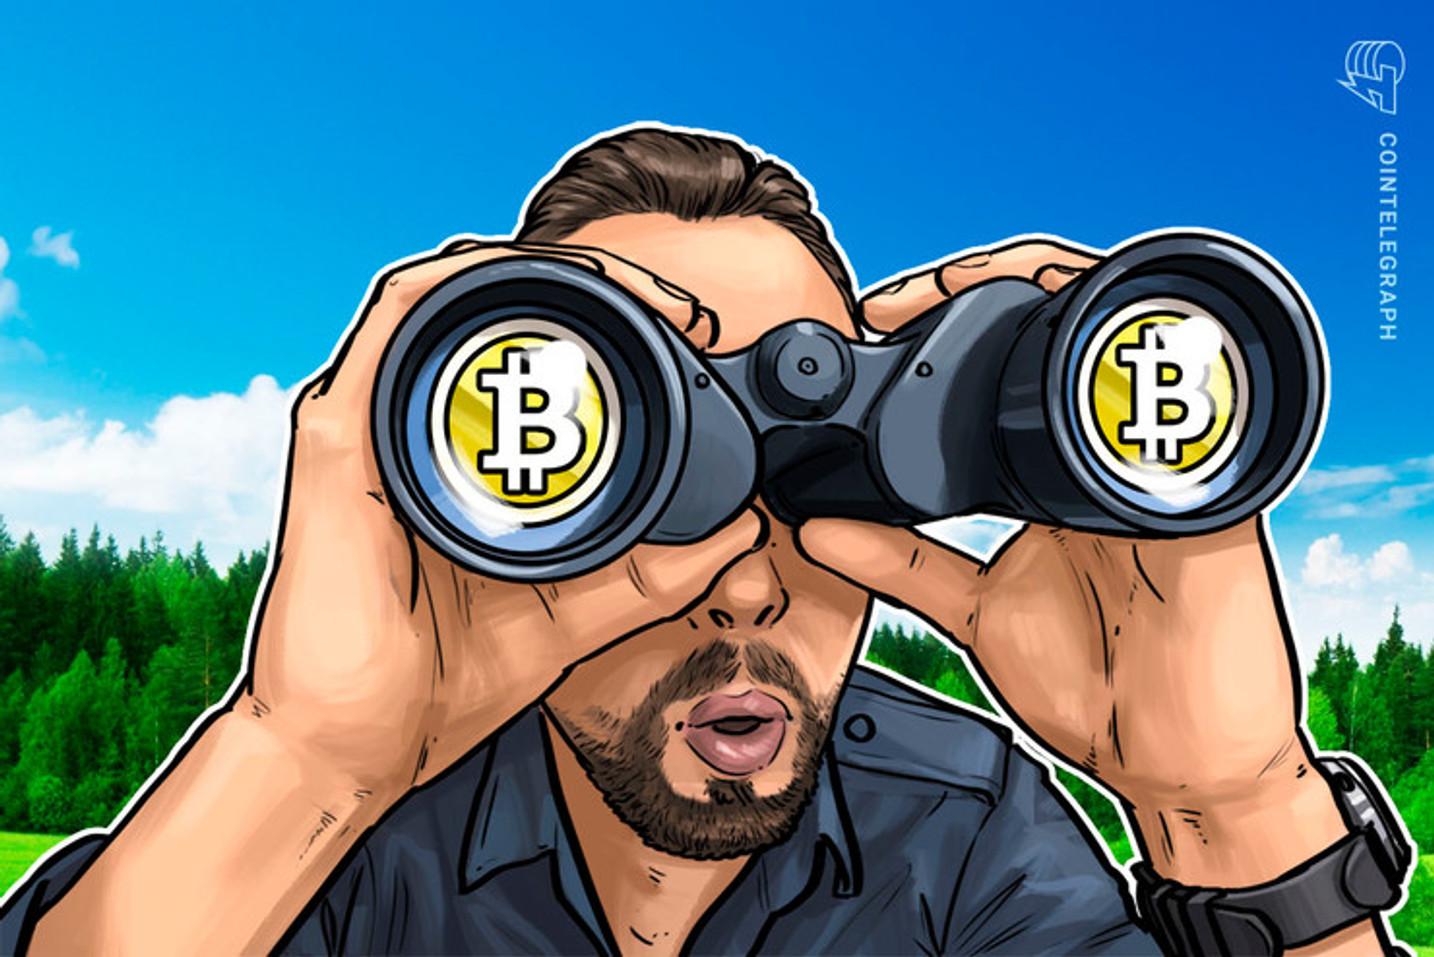 Agora é a hora certa para comprar Bitcoin? Análise revela que o preço do BTC sempre sobe após o halving e não antes